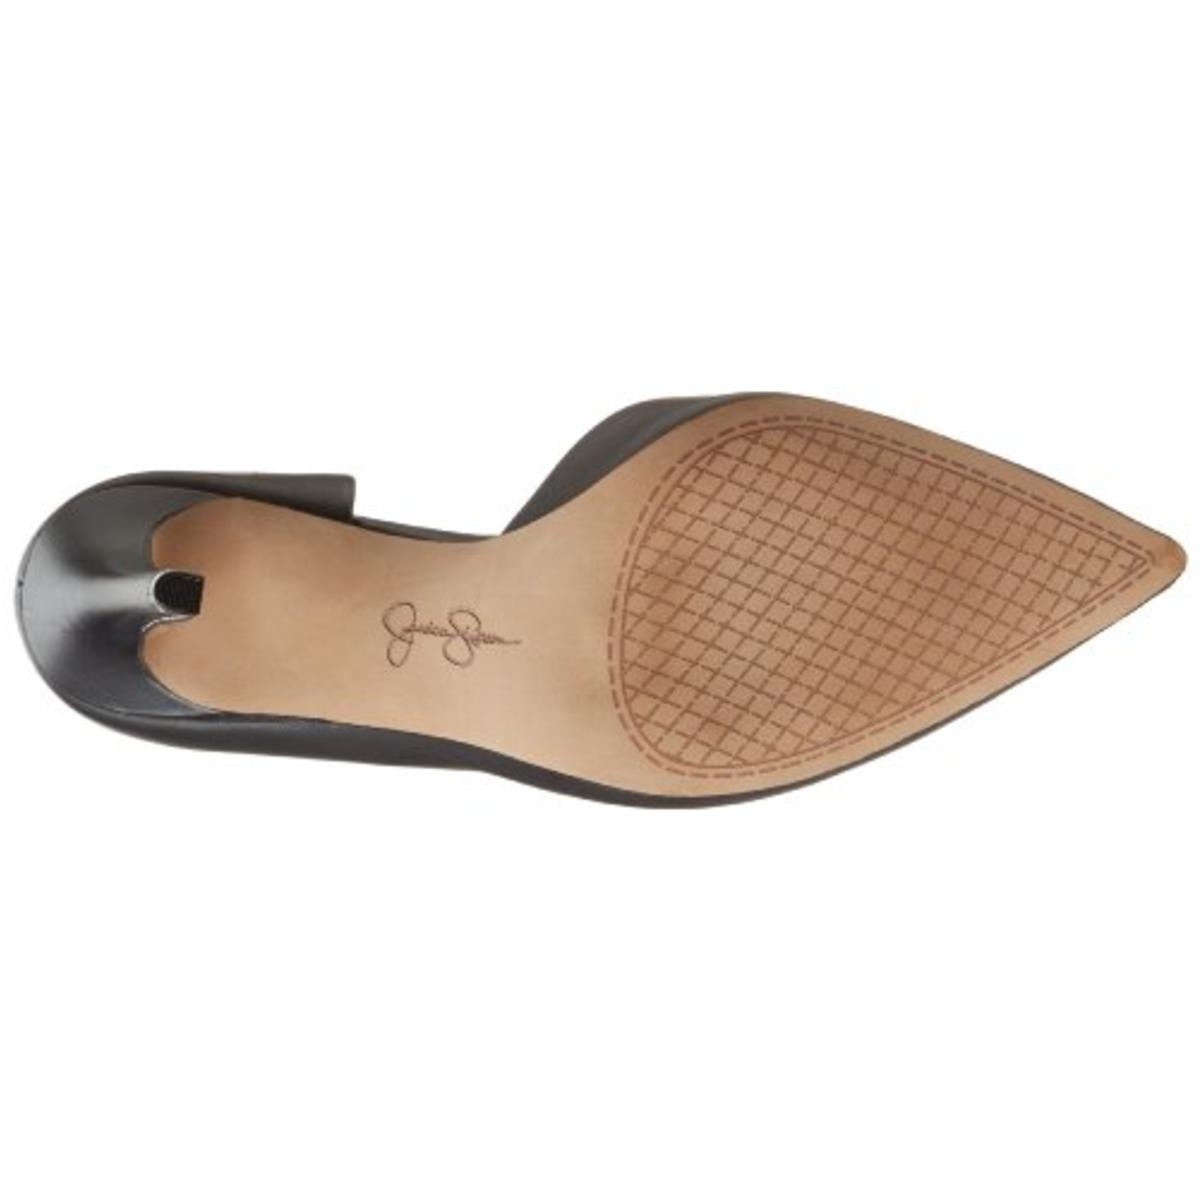 Claudette Chaussures Femmes D'orsay Jessica Simpson Pumps OP0nwk